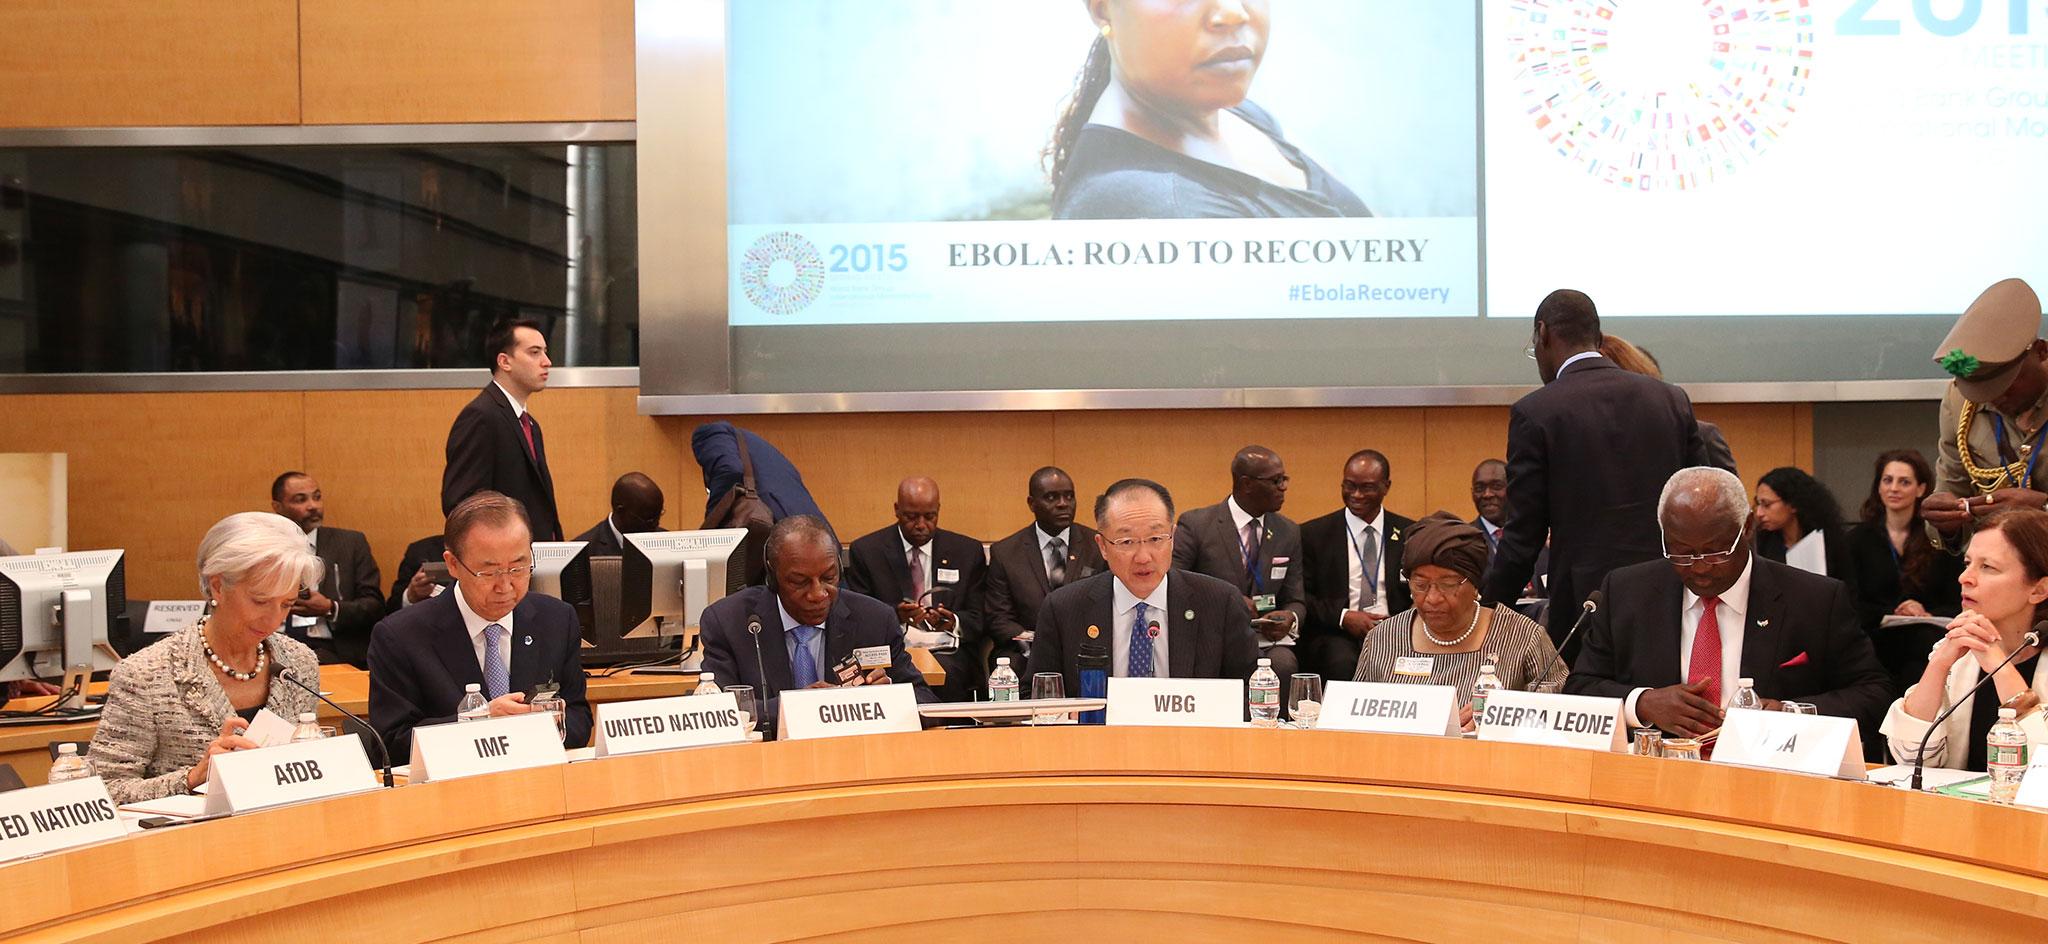 Ebola : sur la voie du redressement